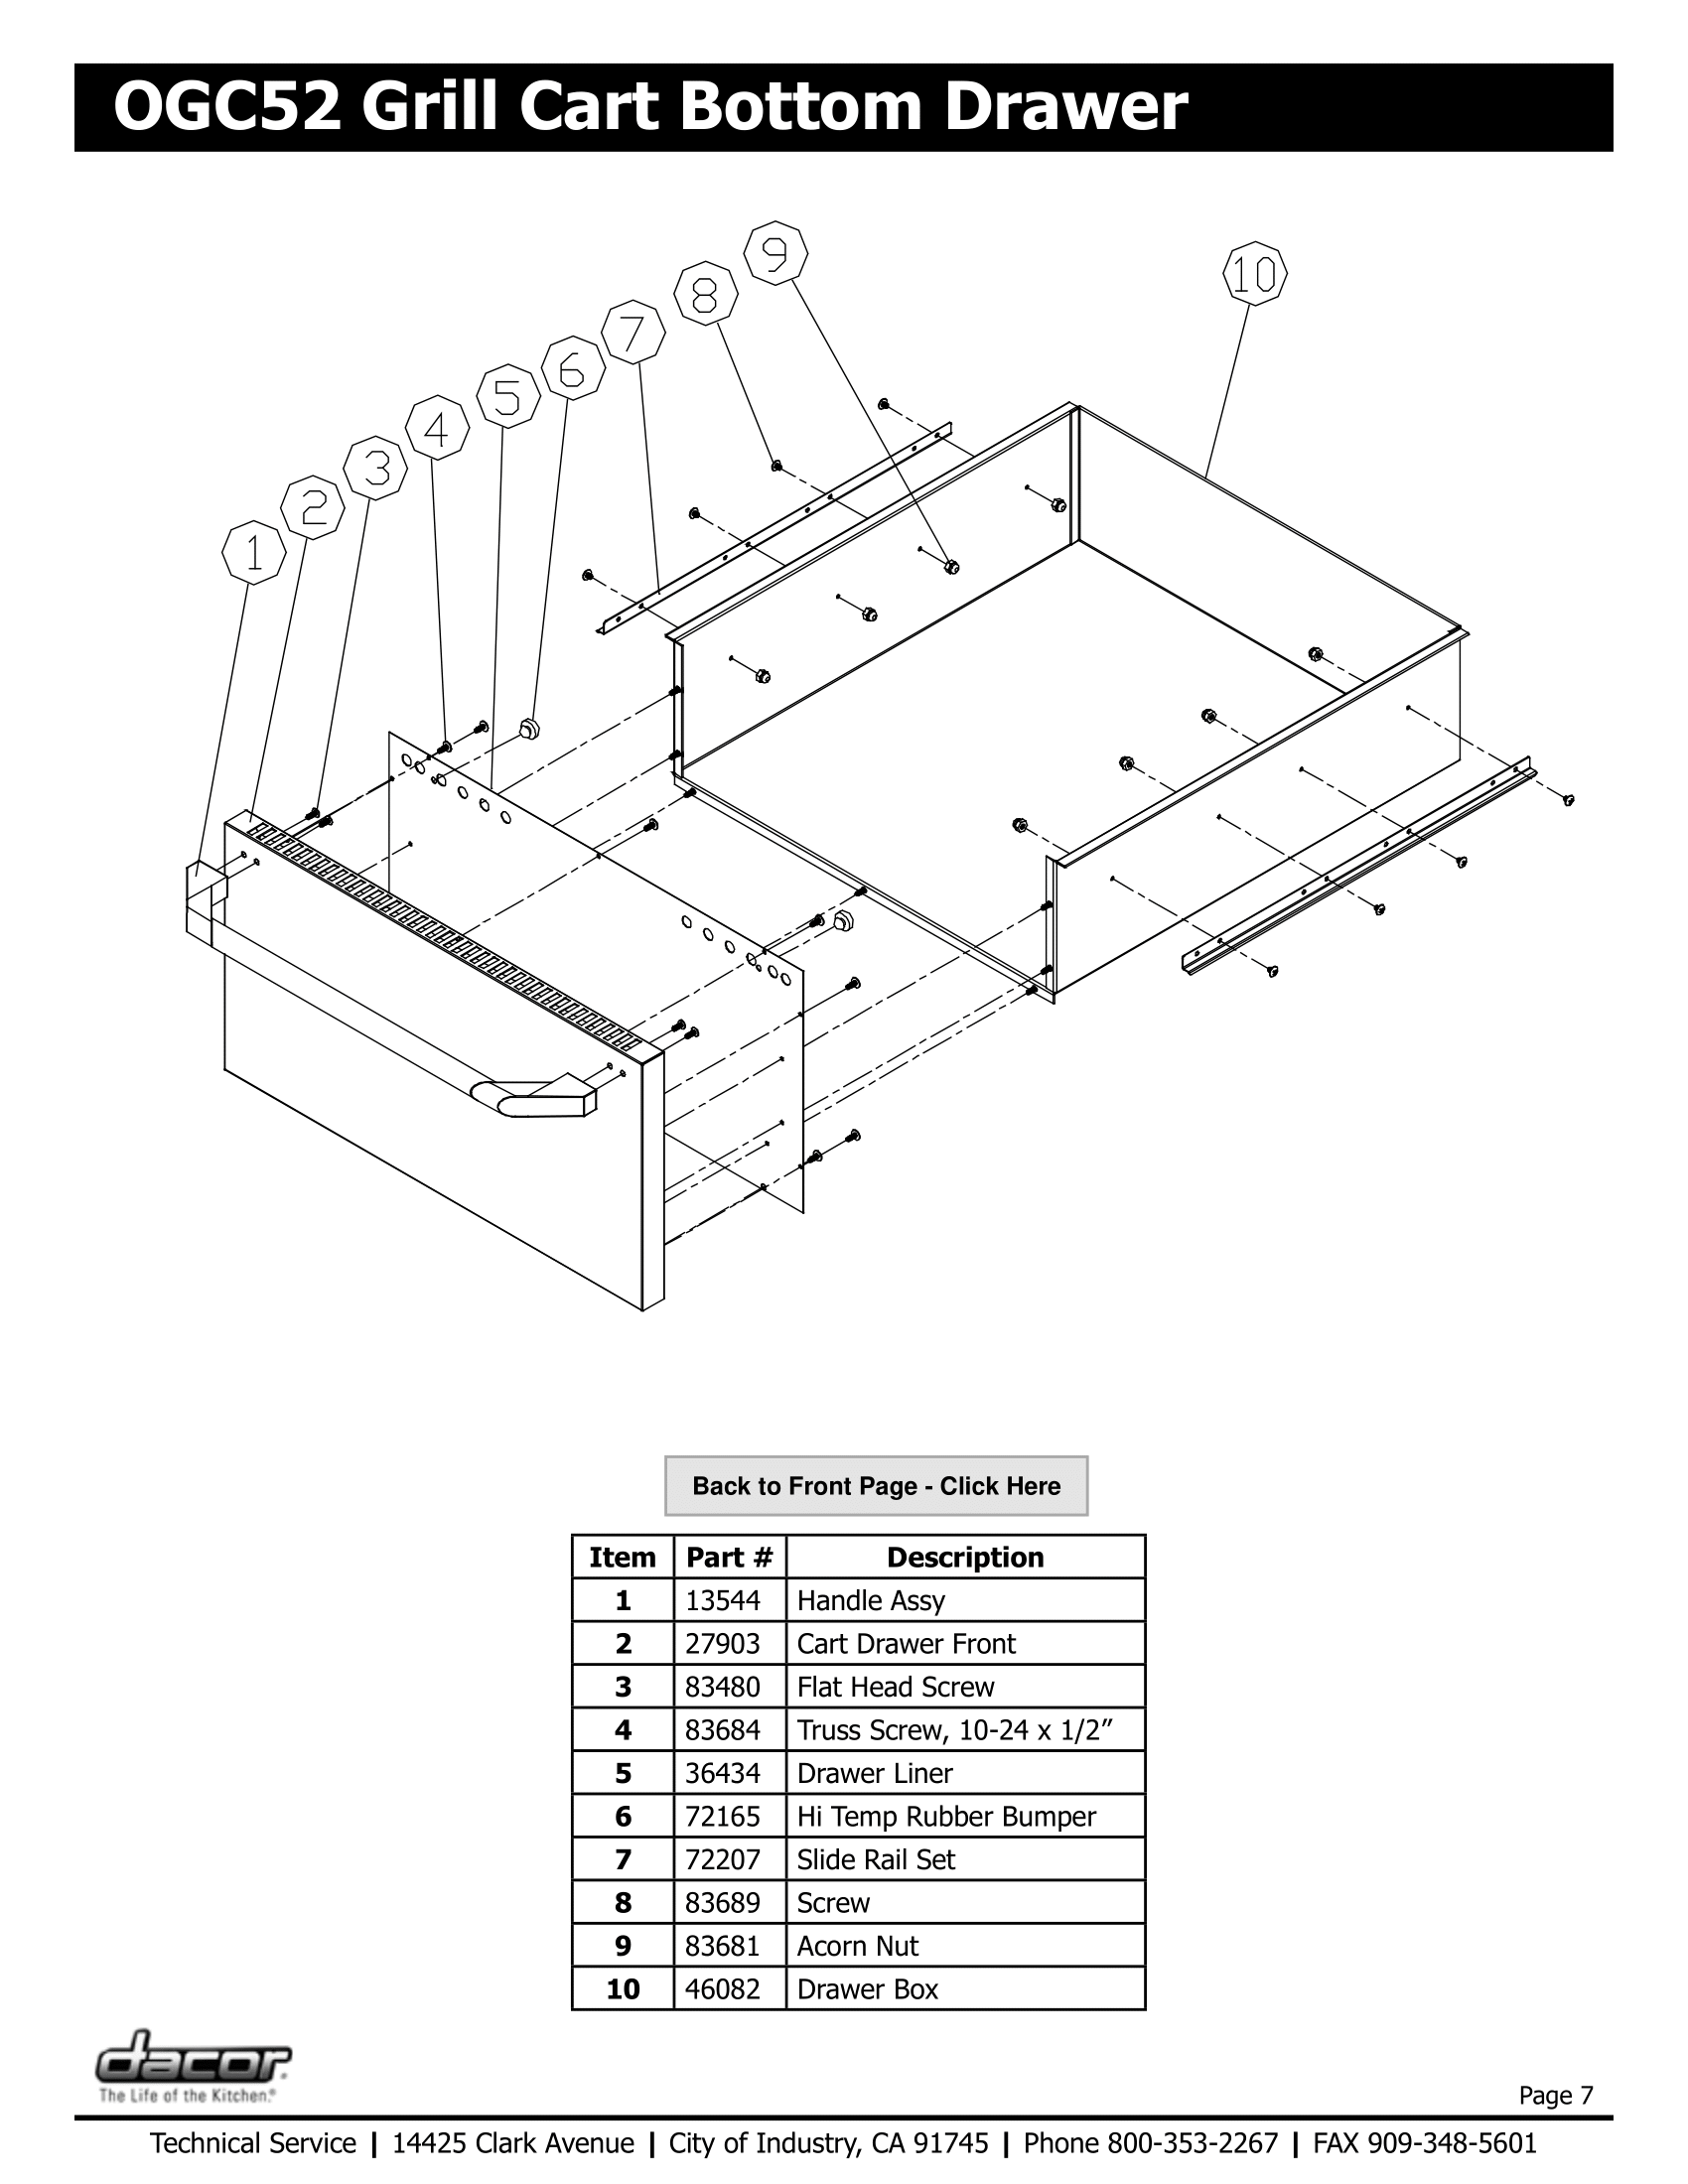 Dacor OGC52 Bottom Drawer Schematic